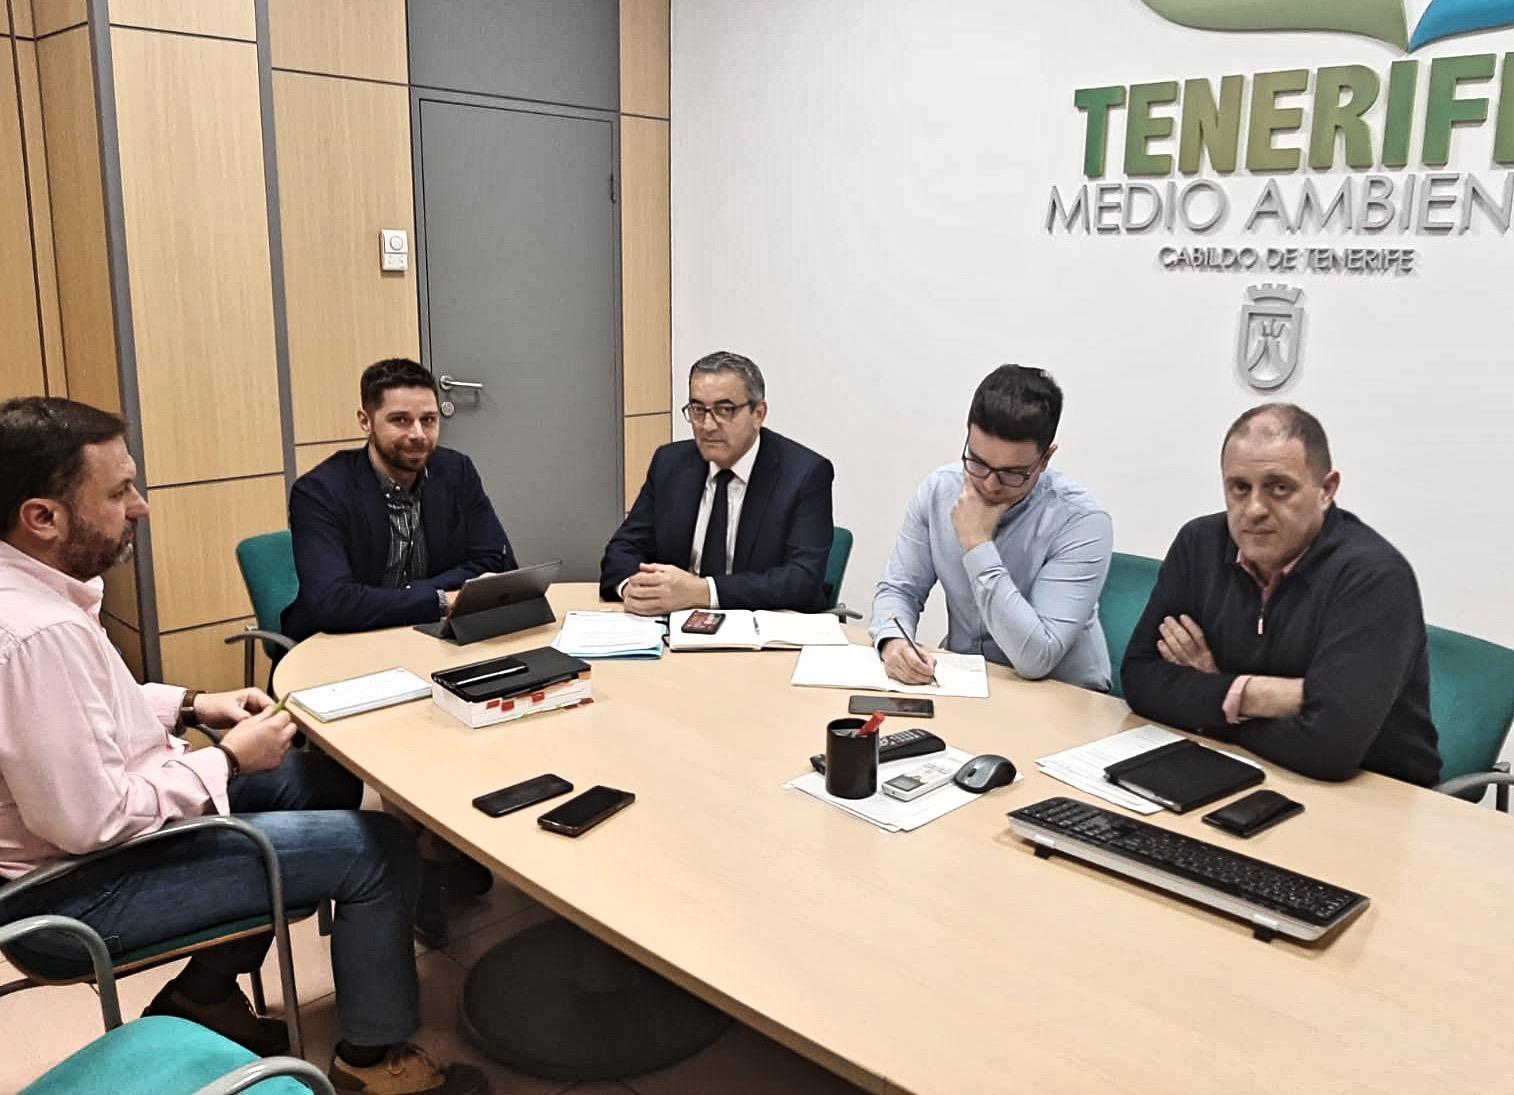 El consejero insular de Desarrollo Sostenible y Lucha contra el Cambio Climático del Cabildo de Tenerife, Javier Rodríguez, mantuvo un encuentro con el alcalde de esa localidad sureña, Sebastián Martín